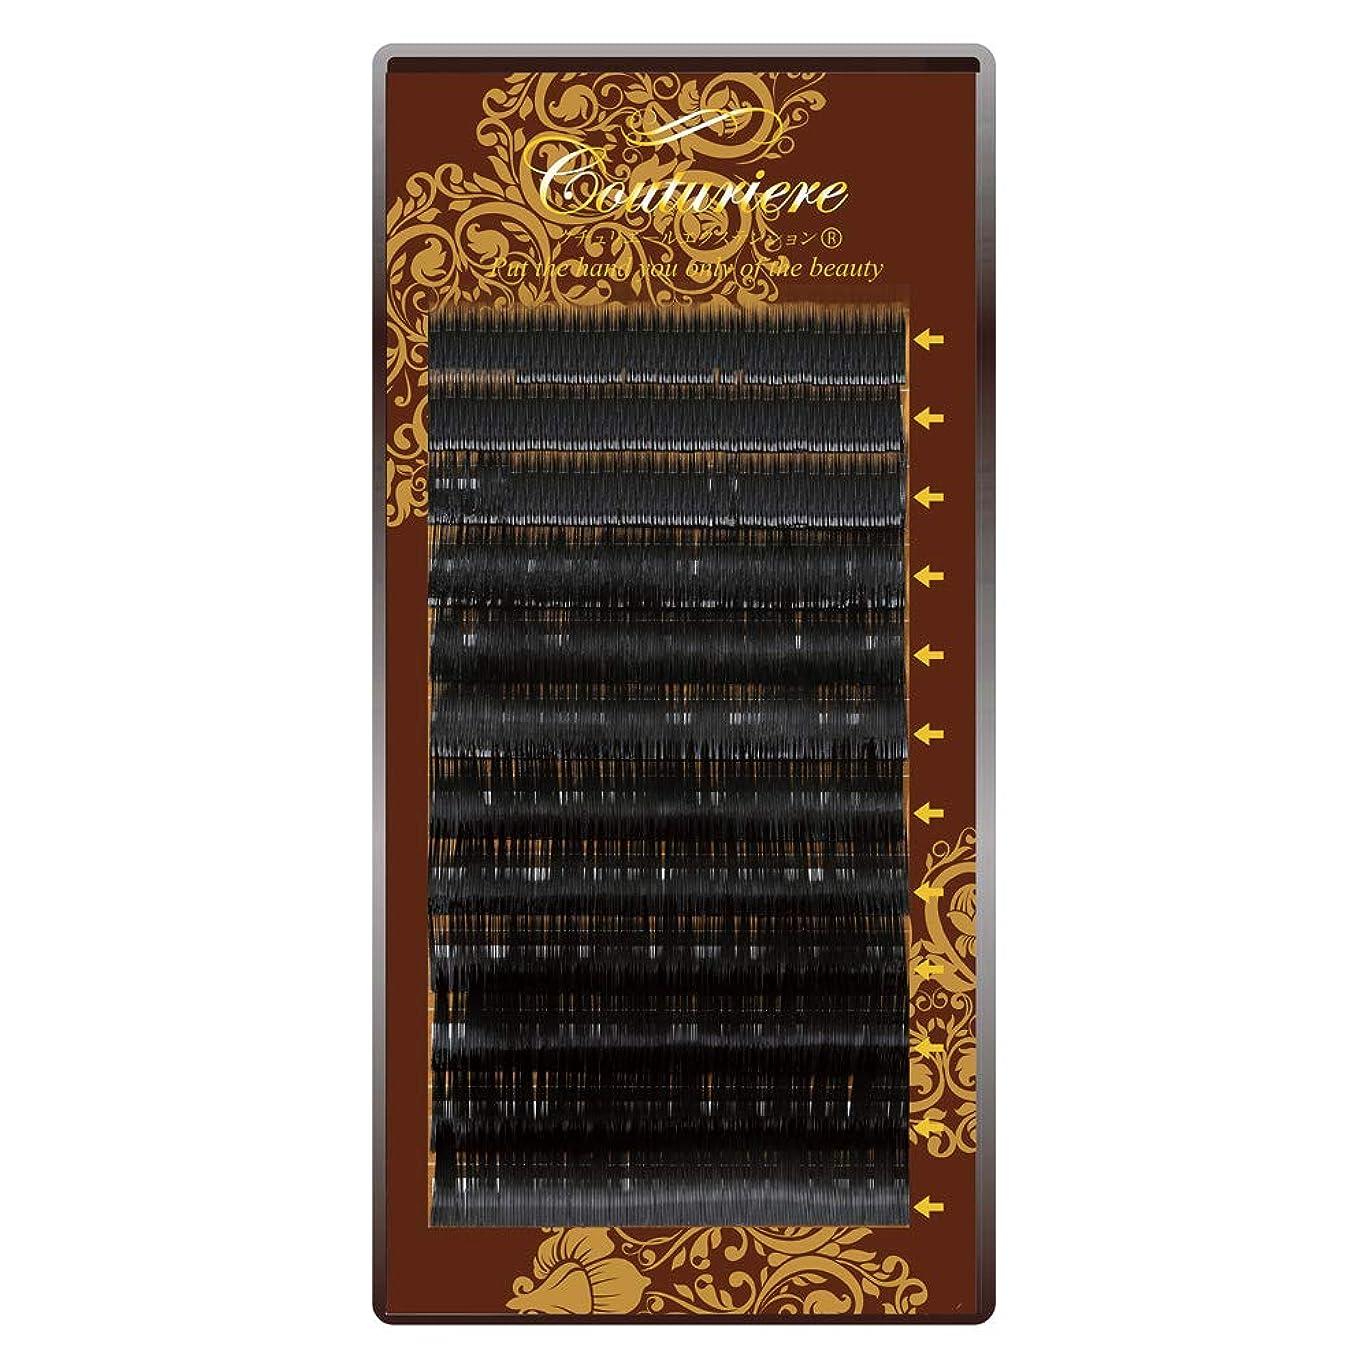 マスタード保存ディスコクチュリエールエクステンションMIX12列D2カール0.20mm